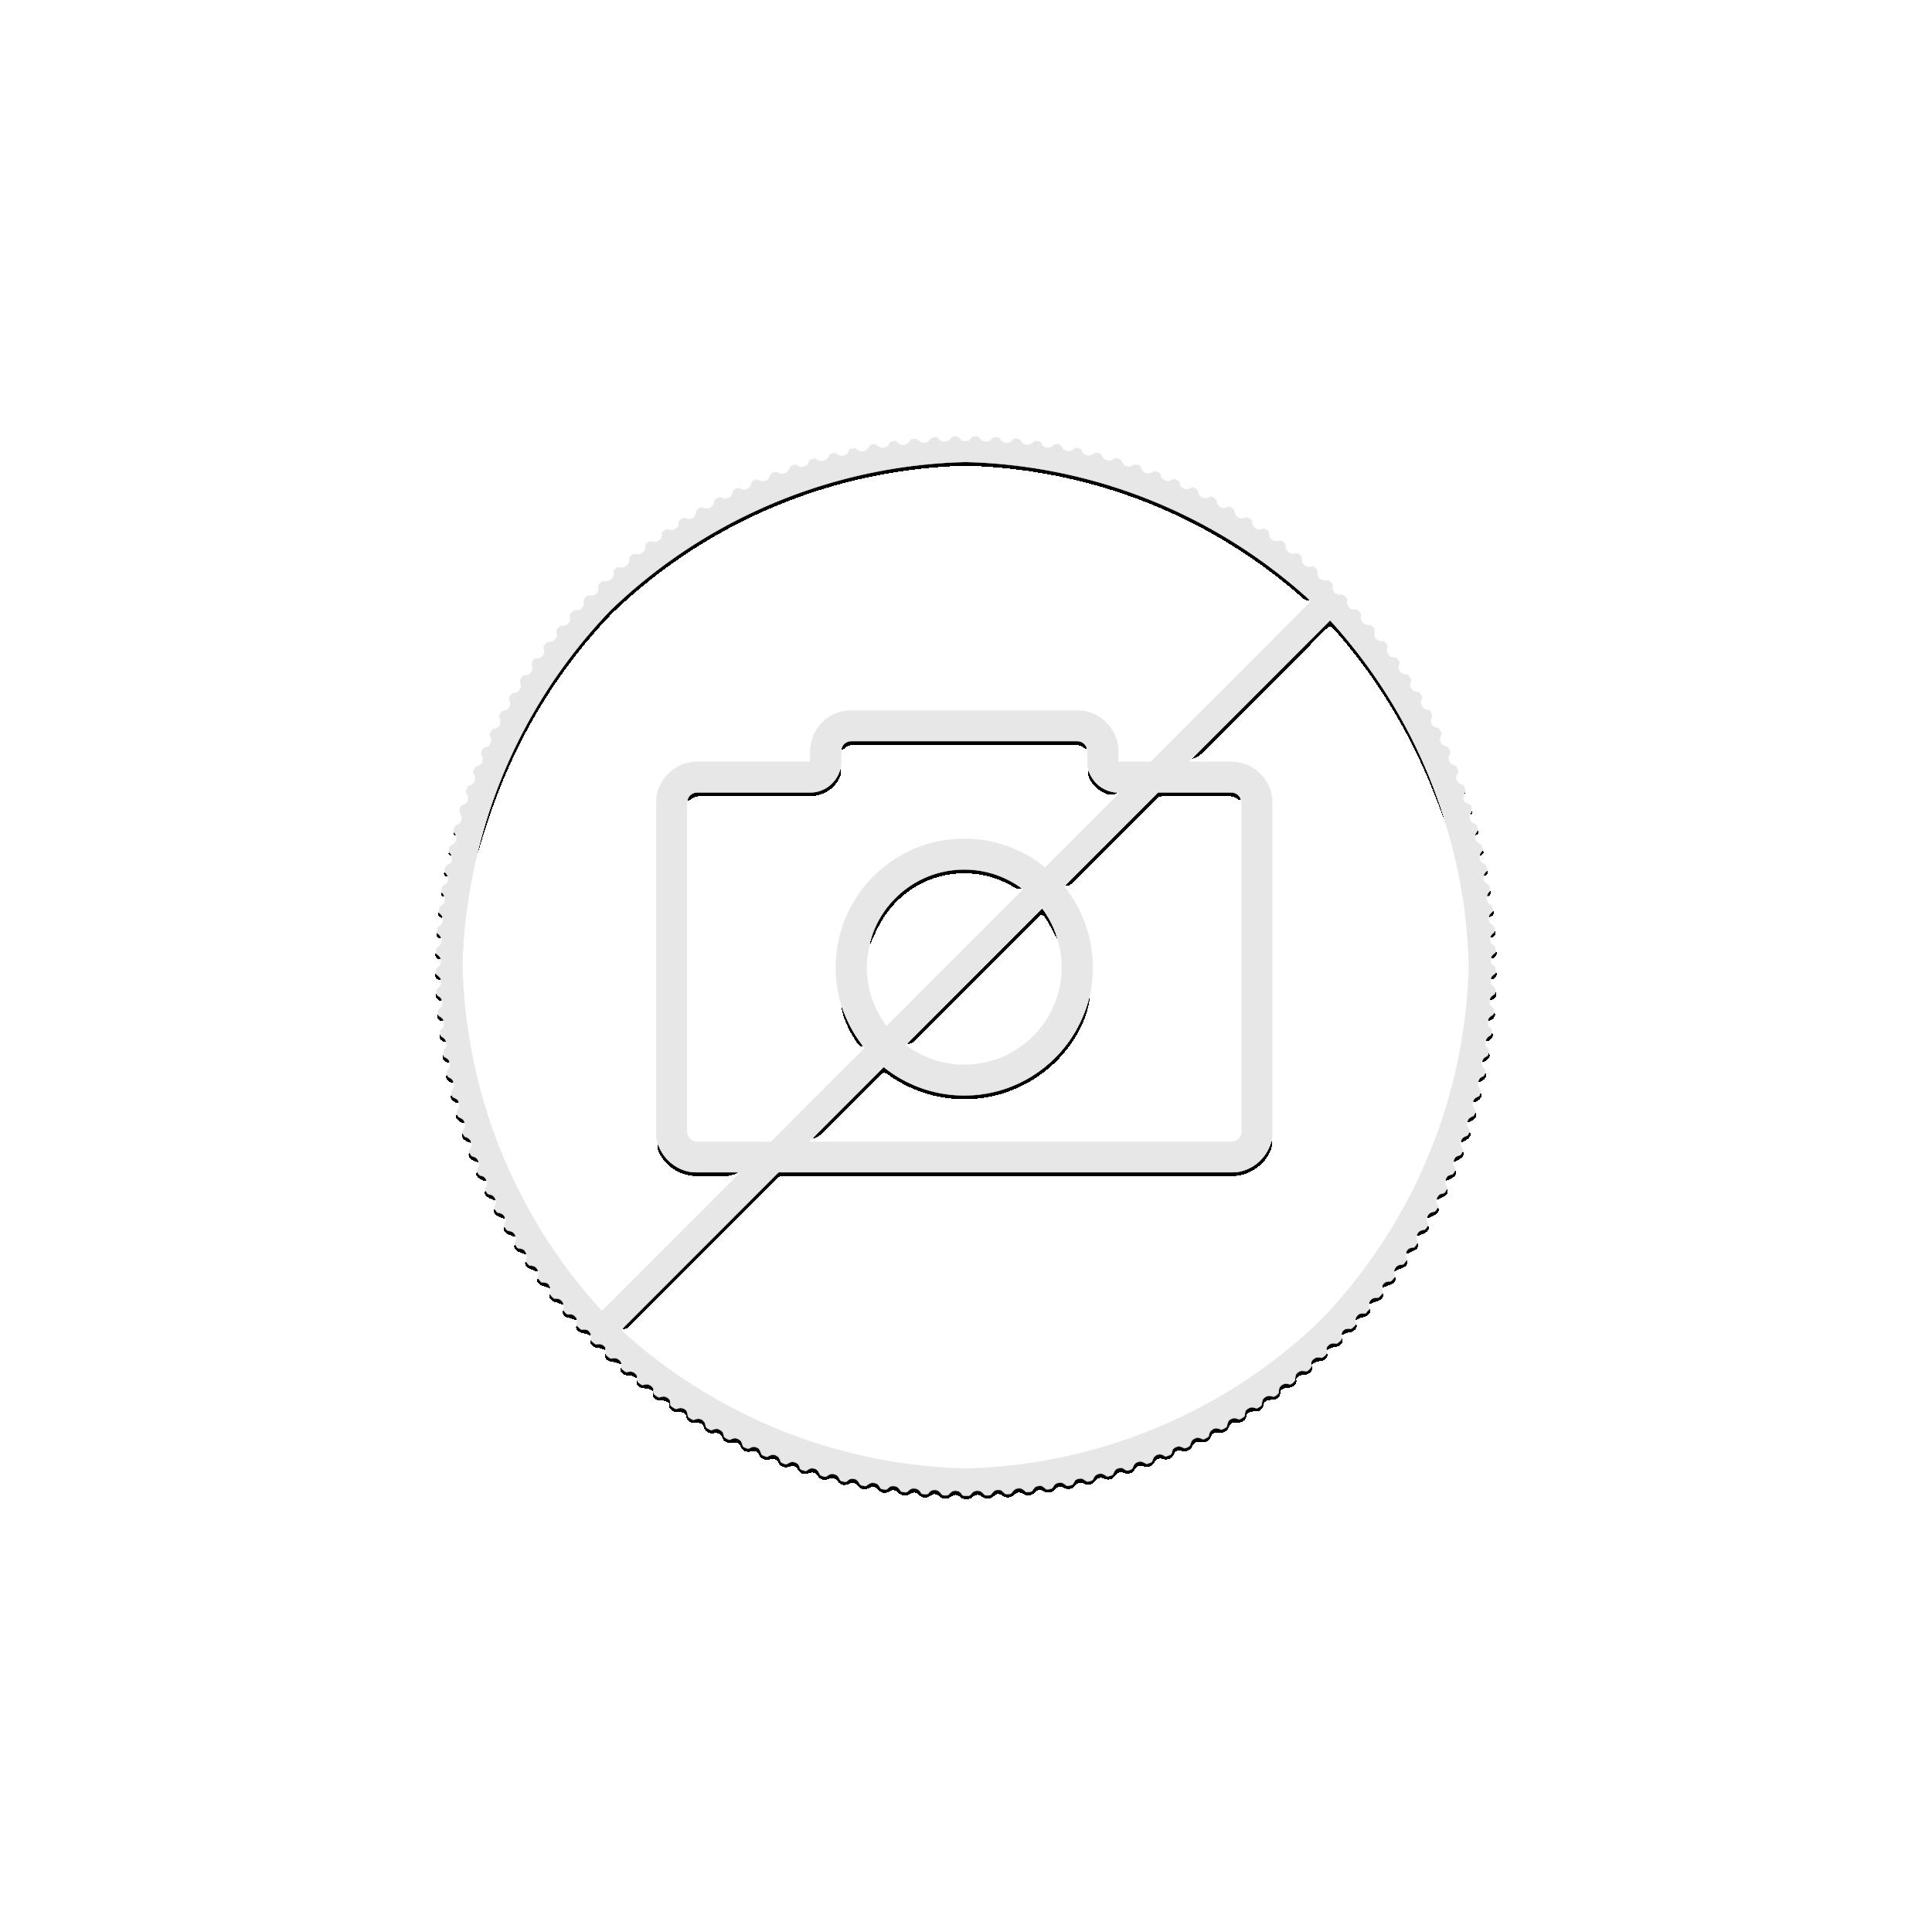 Gold ten guilder Belastingdienst 2006